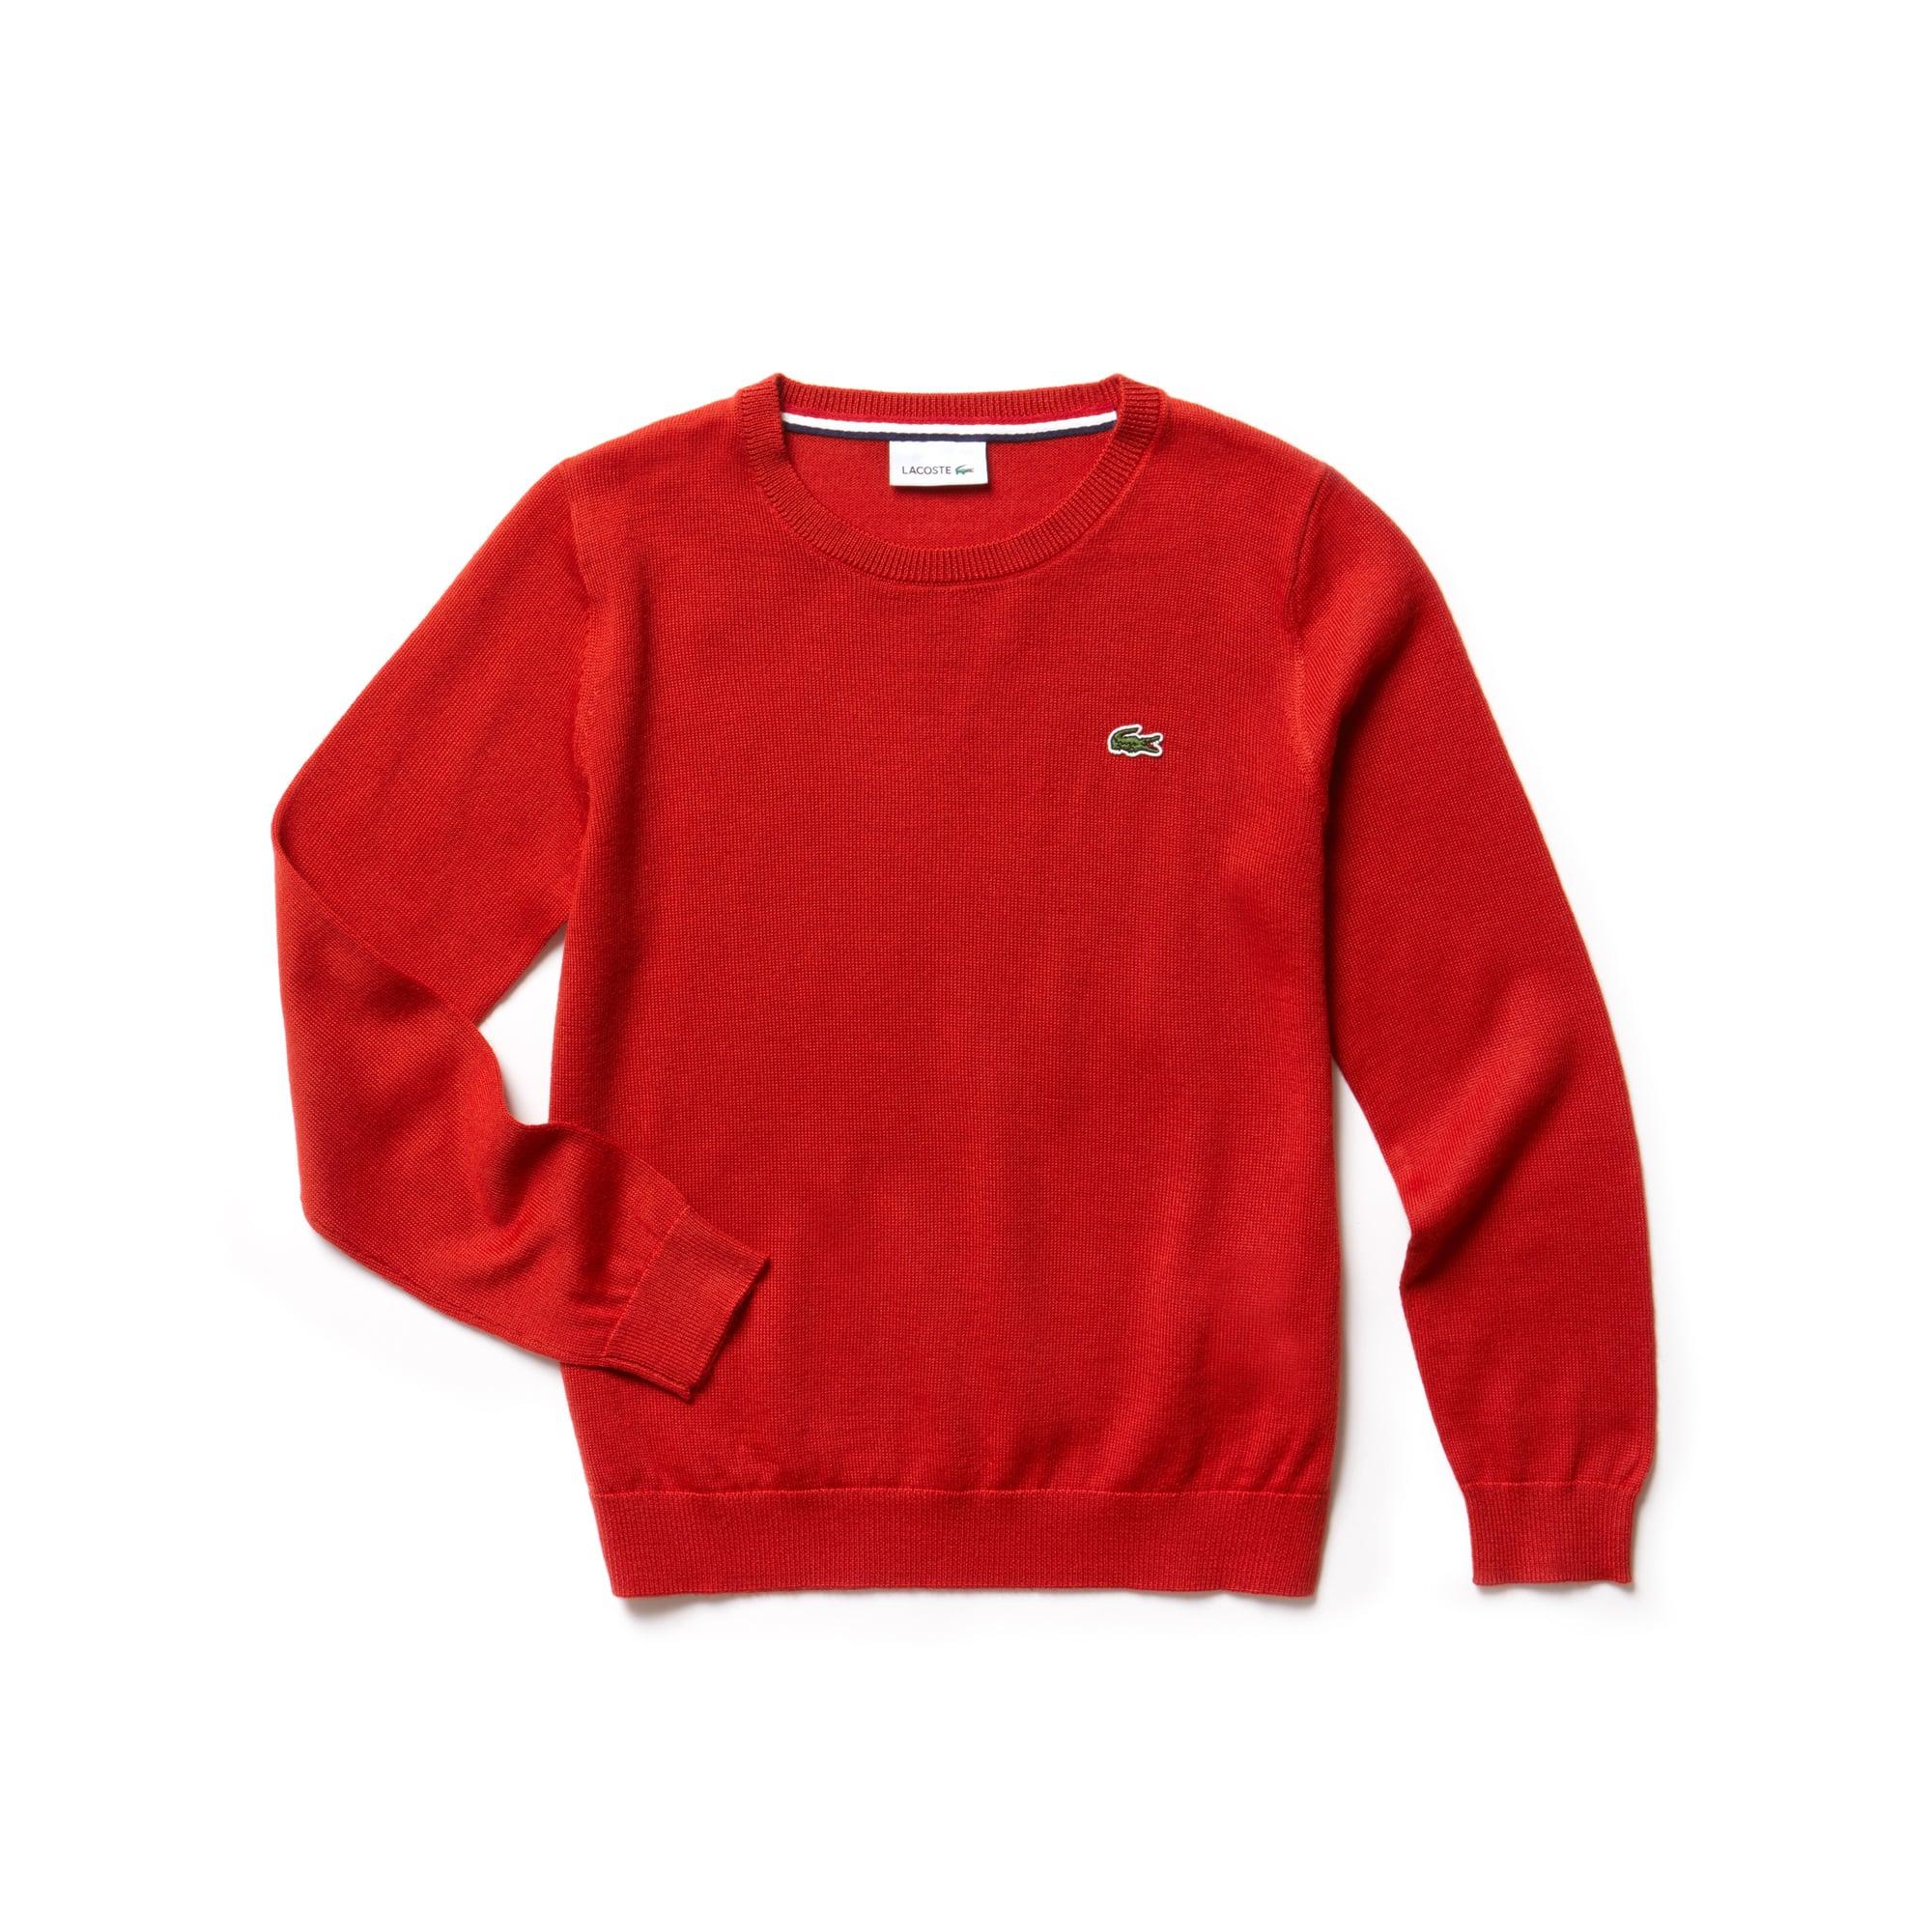 Camisola decote redondo Menino em mistura de jersey de lã unicolor